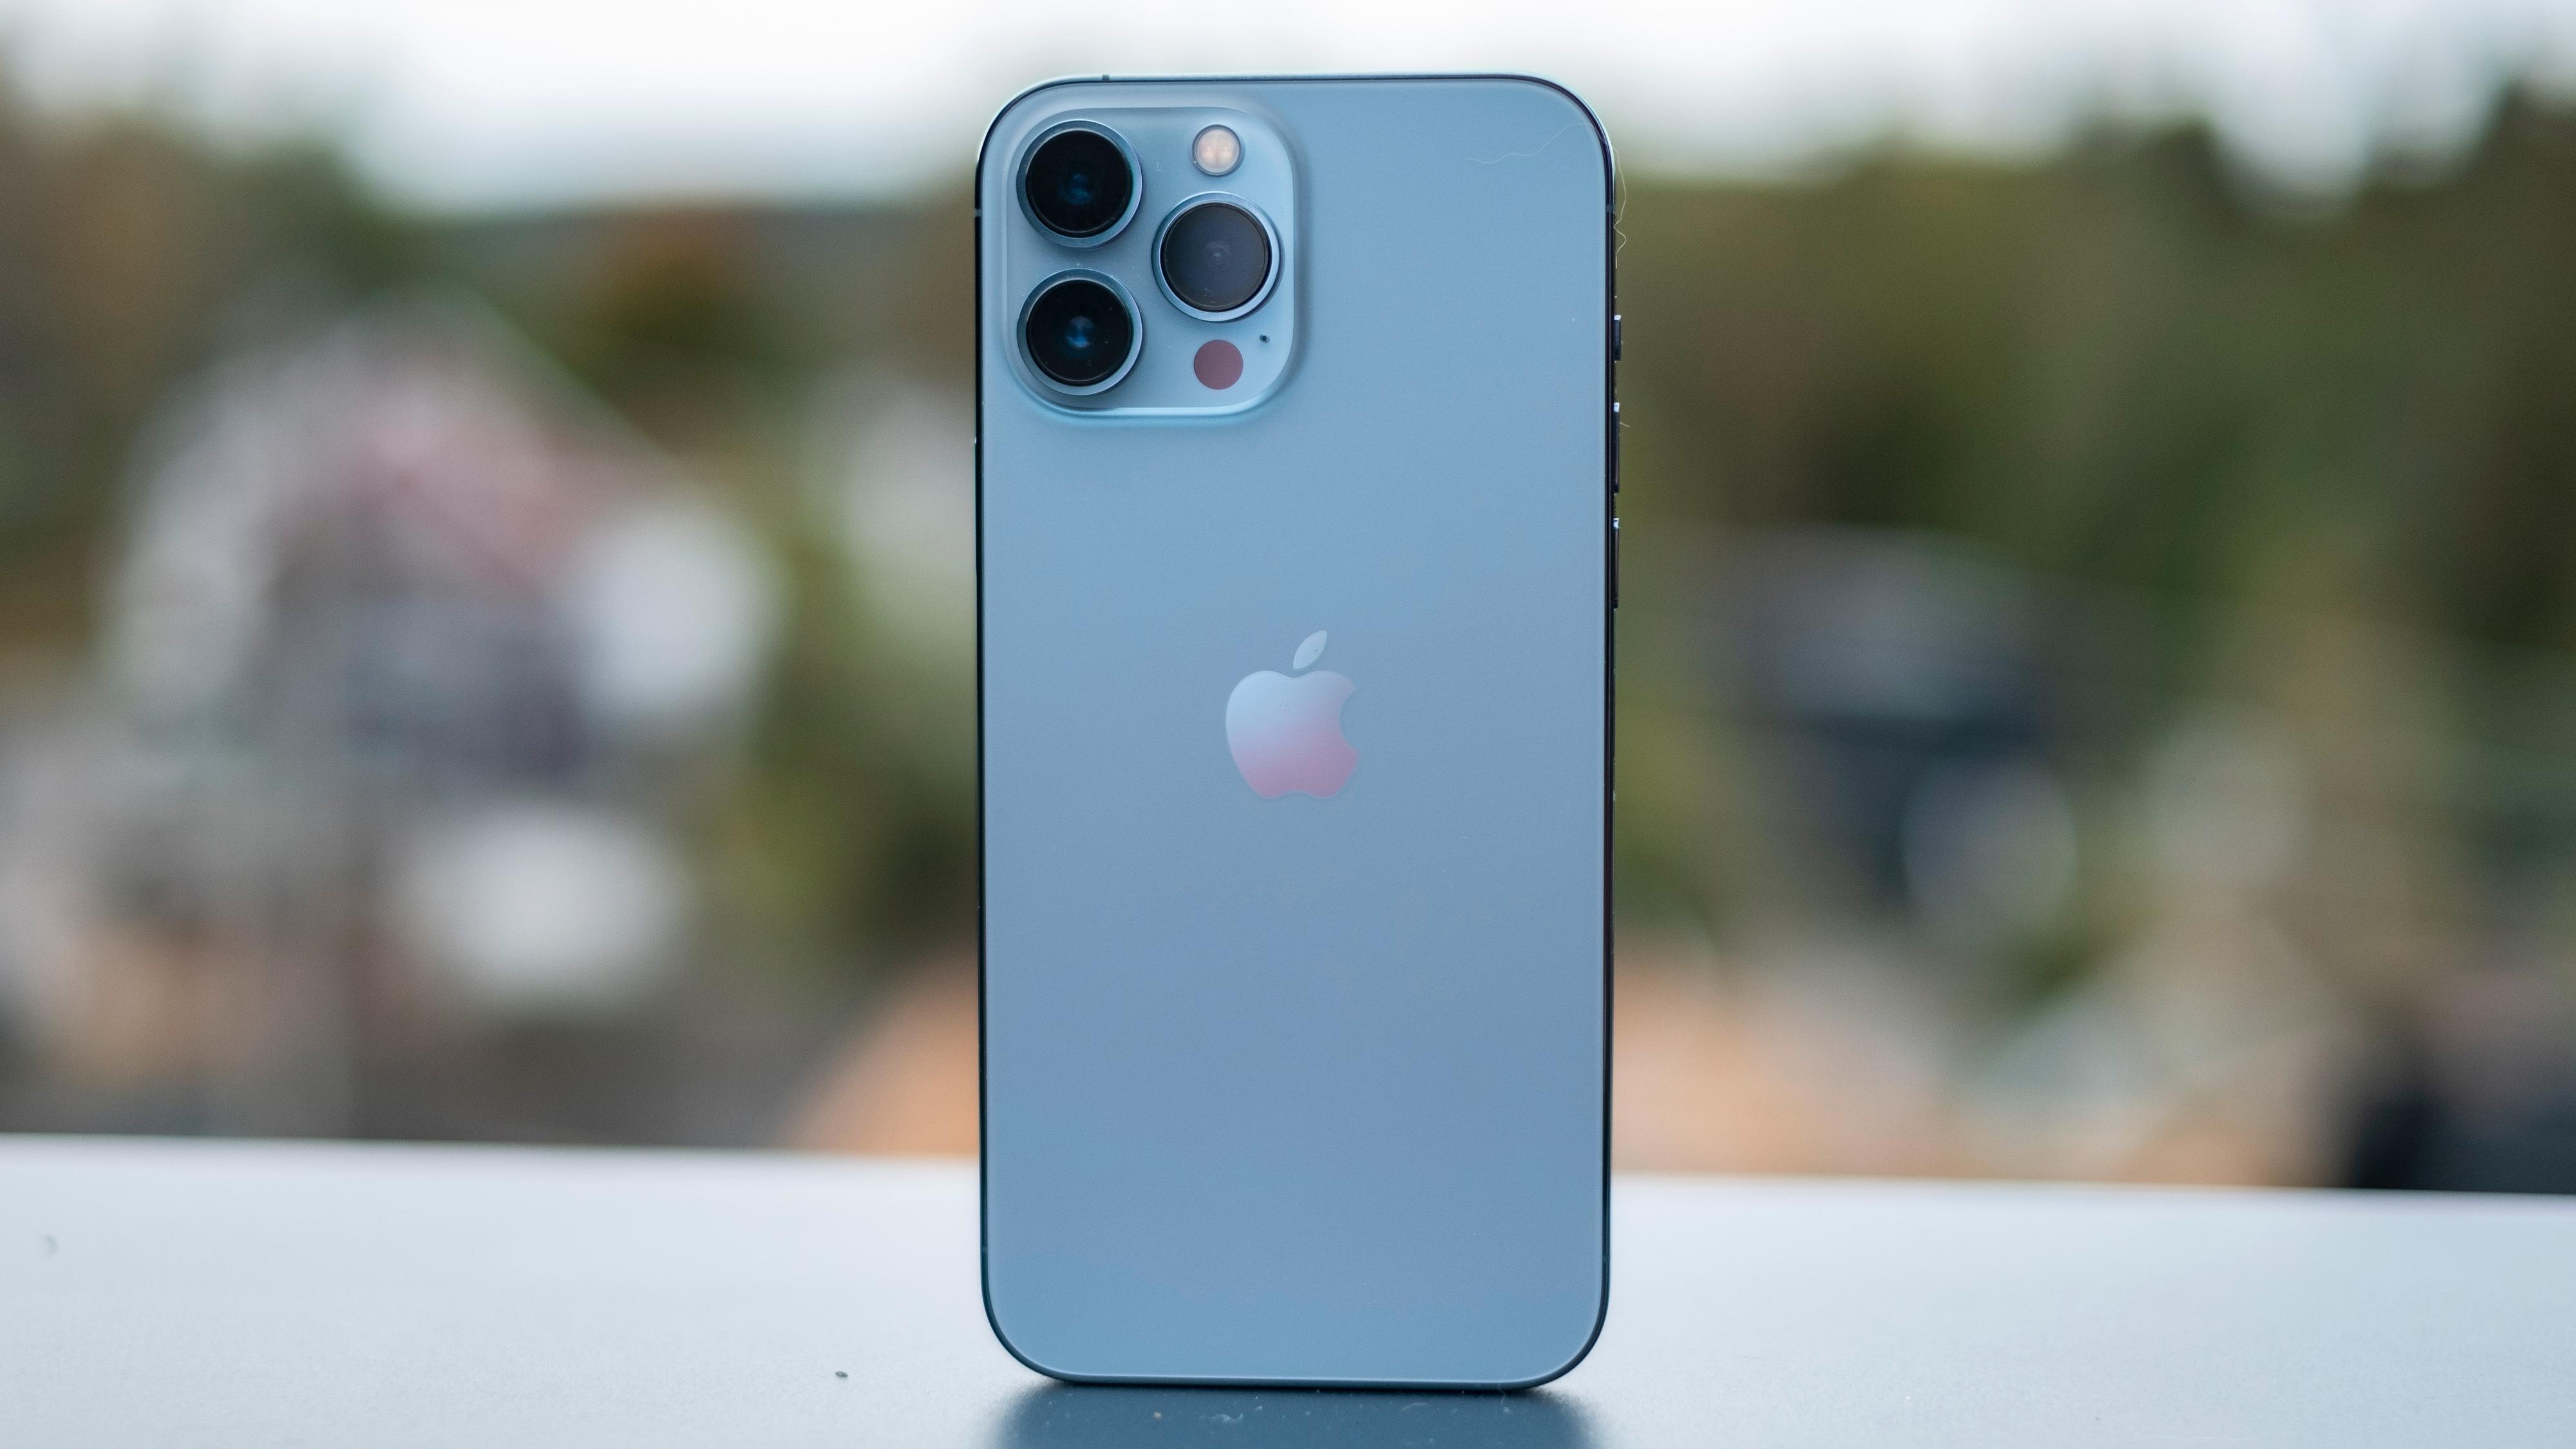 Apple rydder opp i iPhone 13-feil bare dager etter lansering